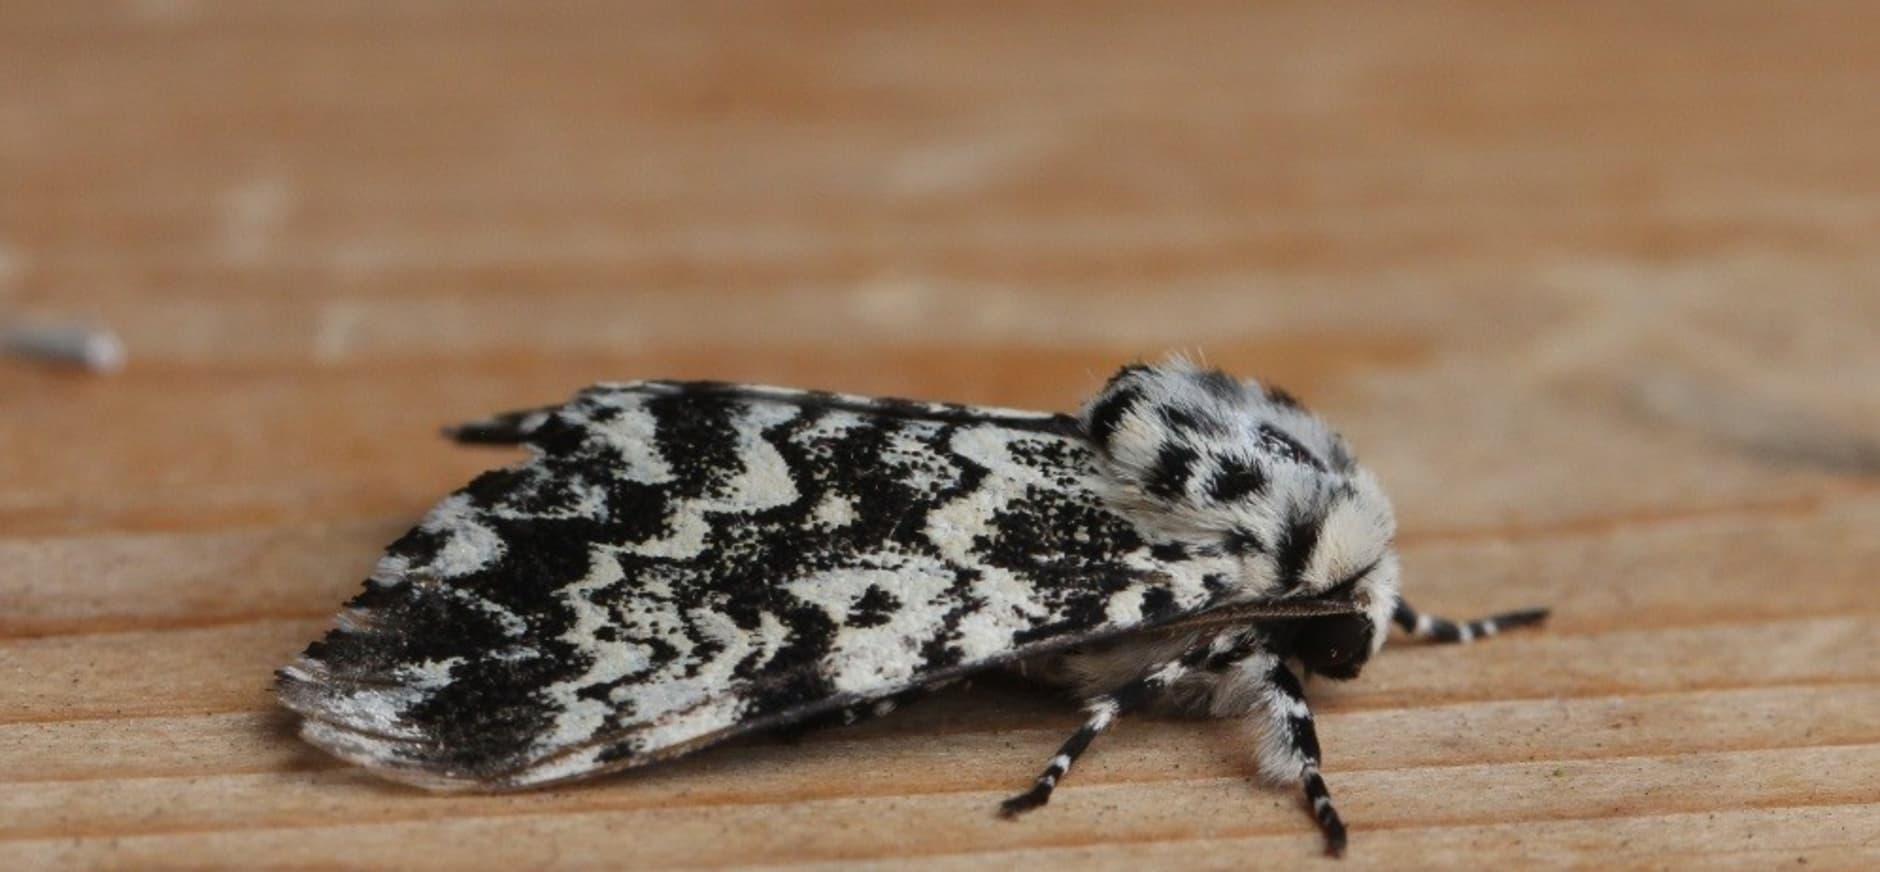 schijn-nonvlinder